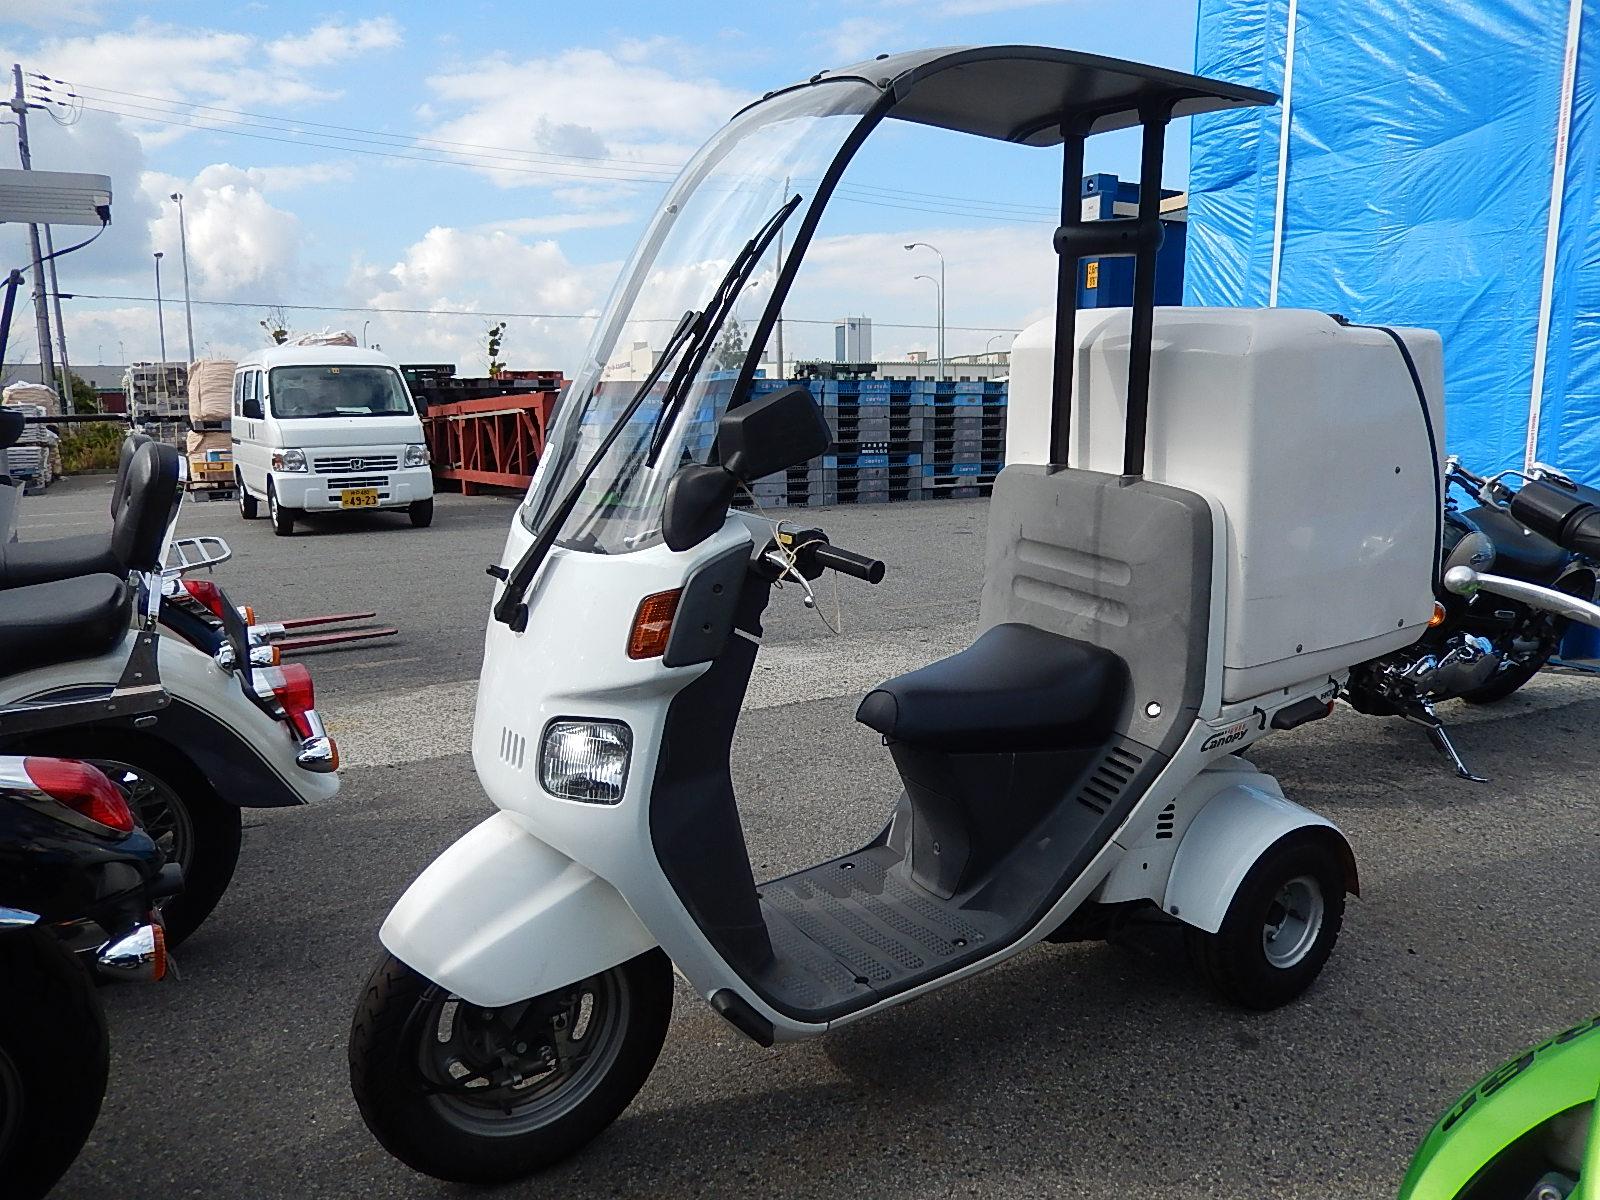 грузовые Скутеры Honda gyro